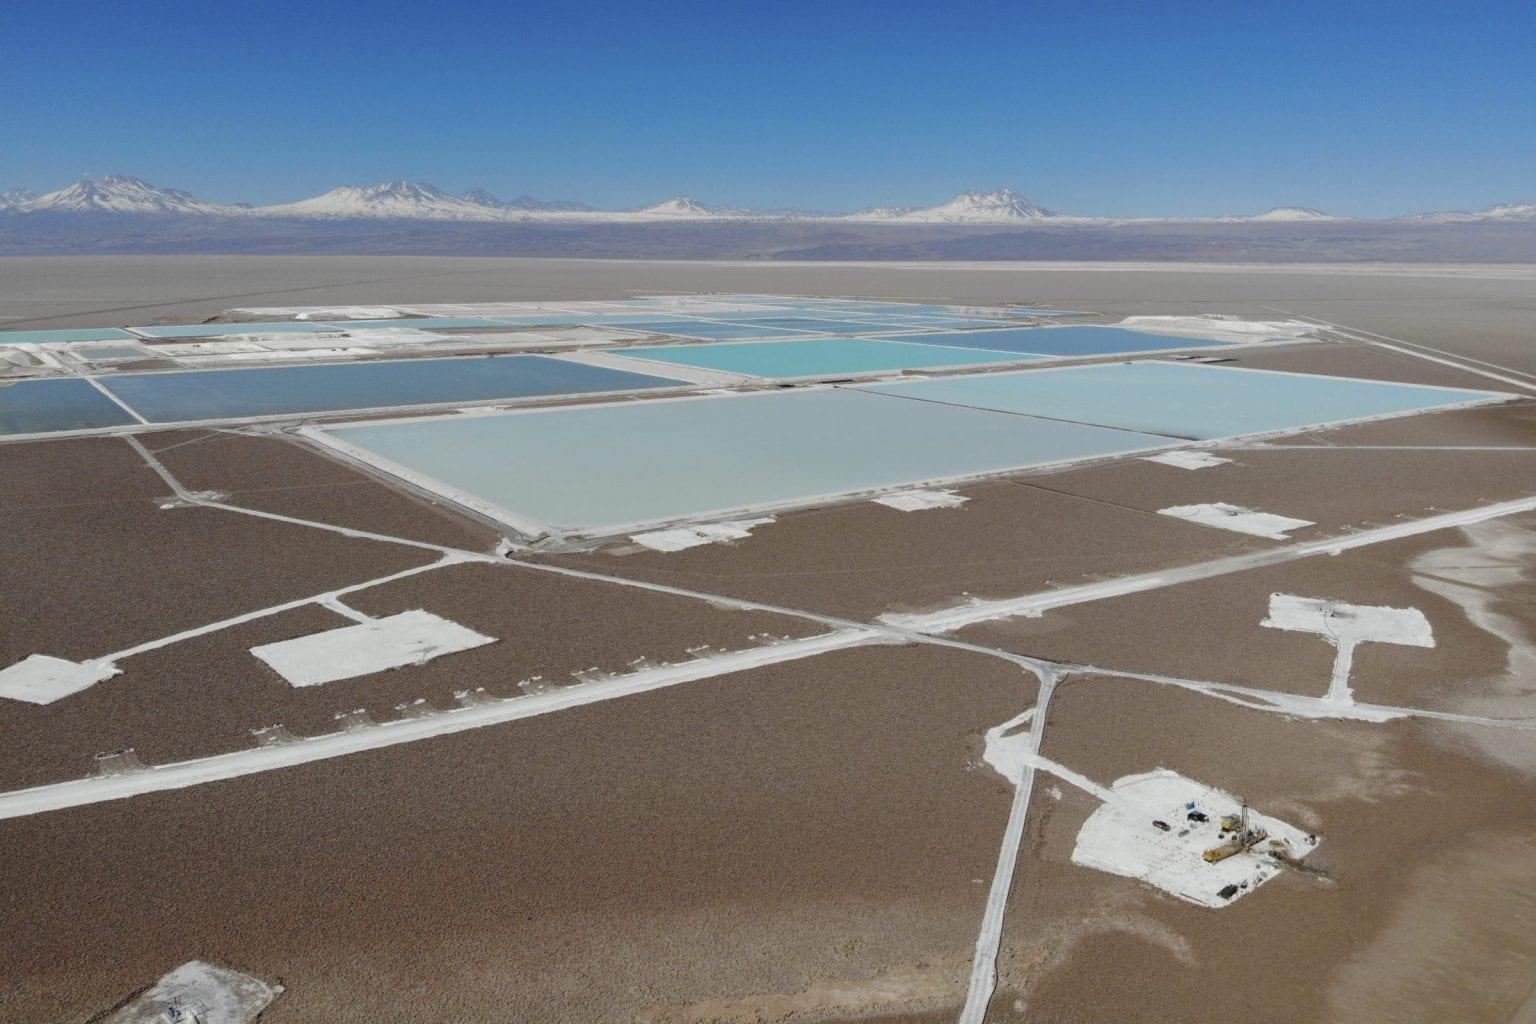 Bassinerne, vi fanger på vores dronebillede her, er kun en mindre del af Atacamas litiumudvinding, som i alt dækker omkring 80 kvadratkilometer.